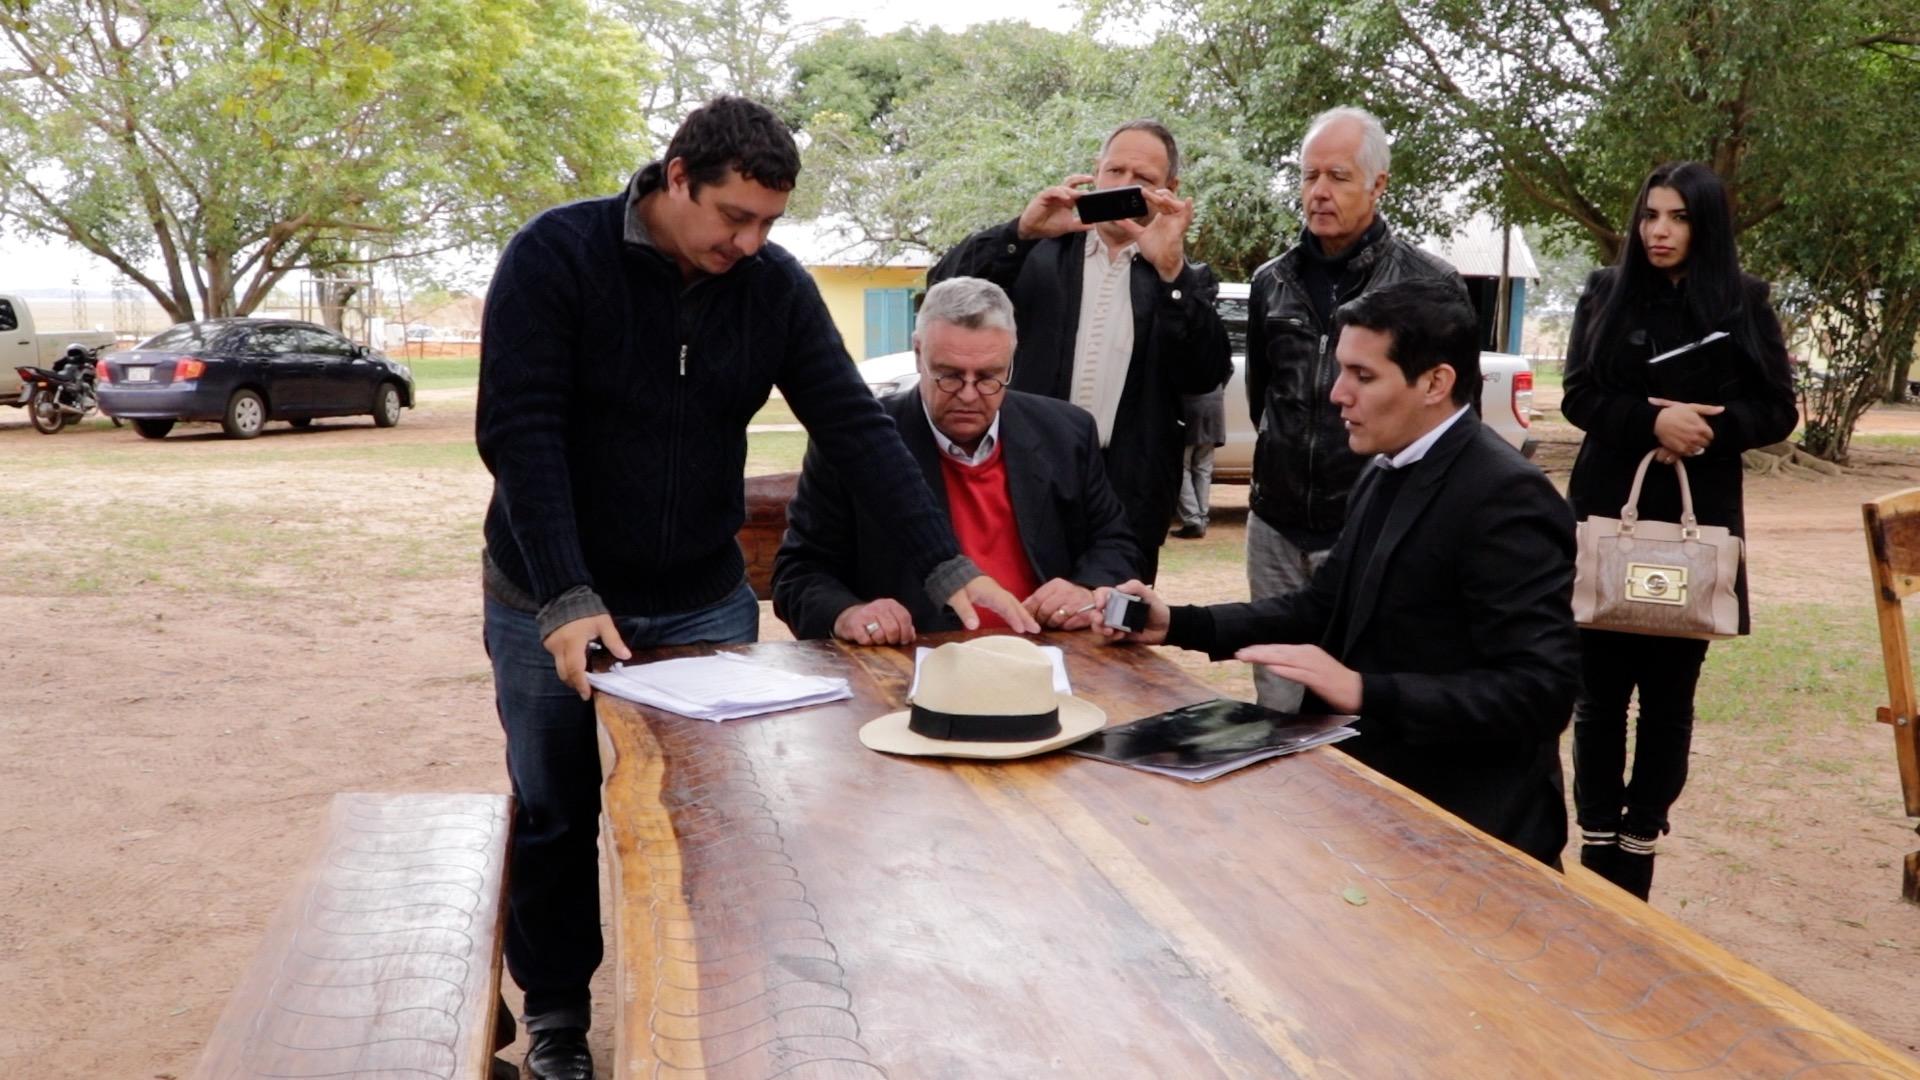 Unterschrift des Protokolls u_ber die Wiederaufnahme des Tiefbaus; Baugenehmigung